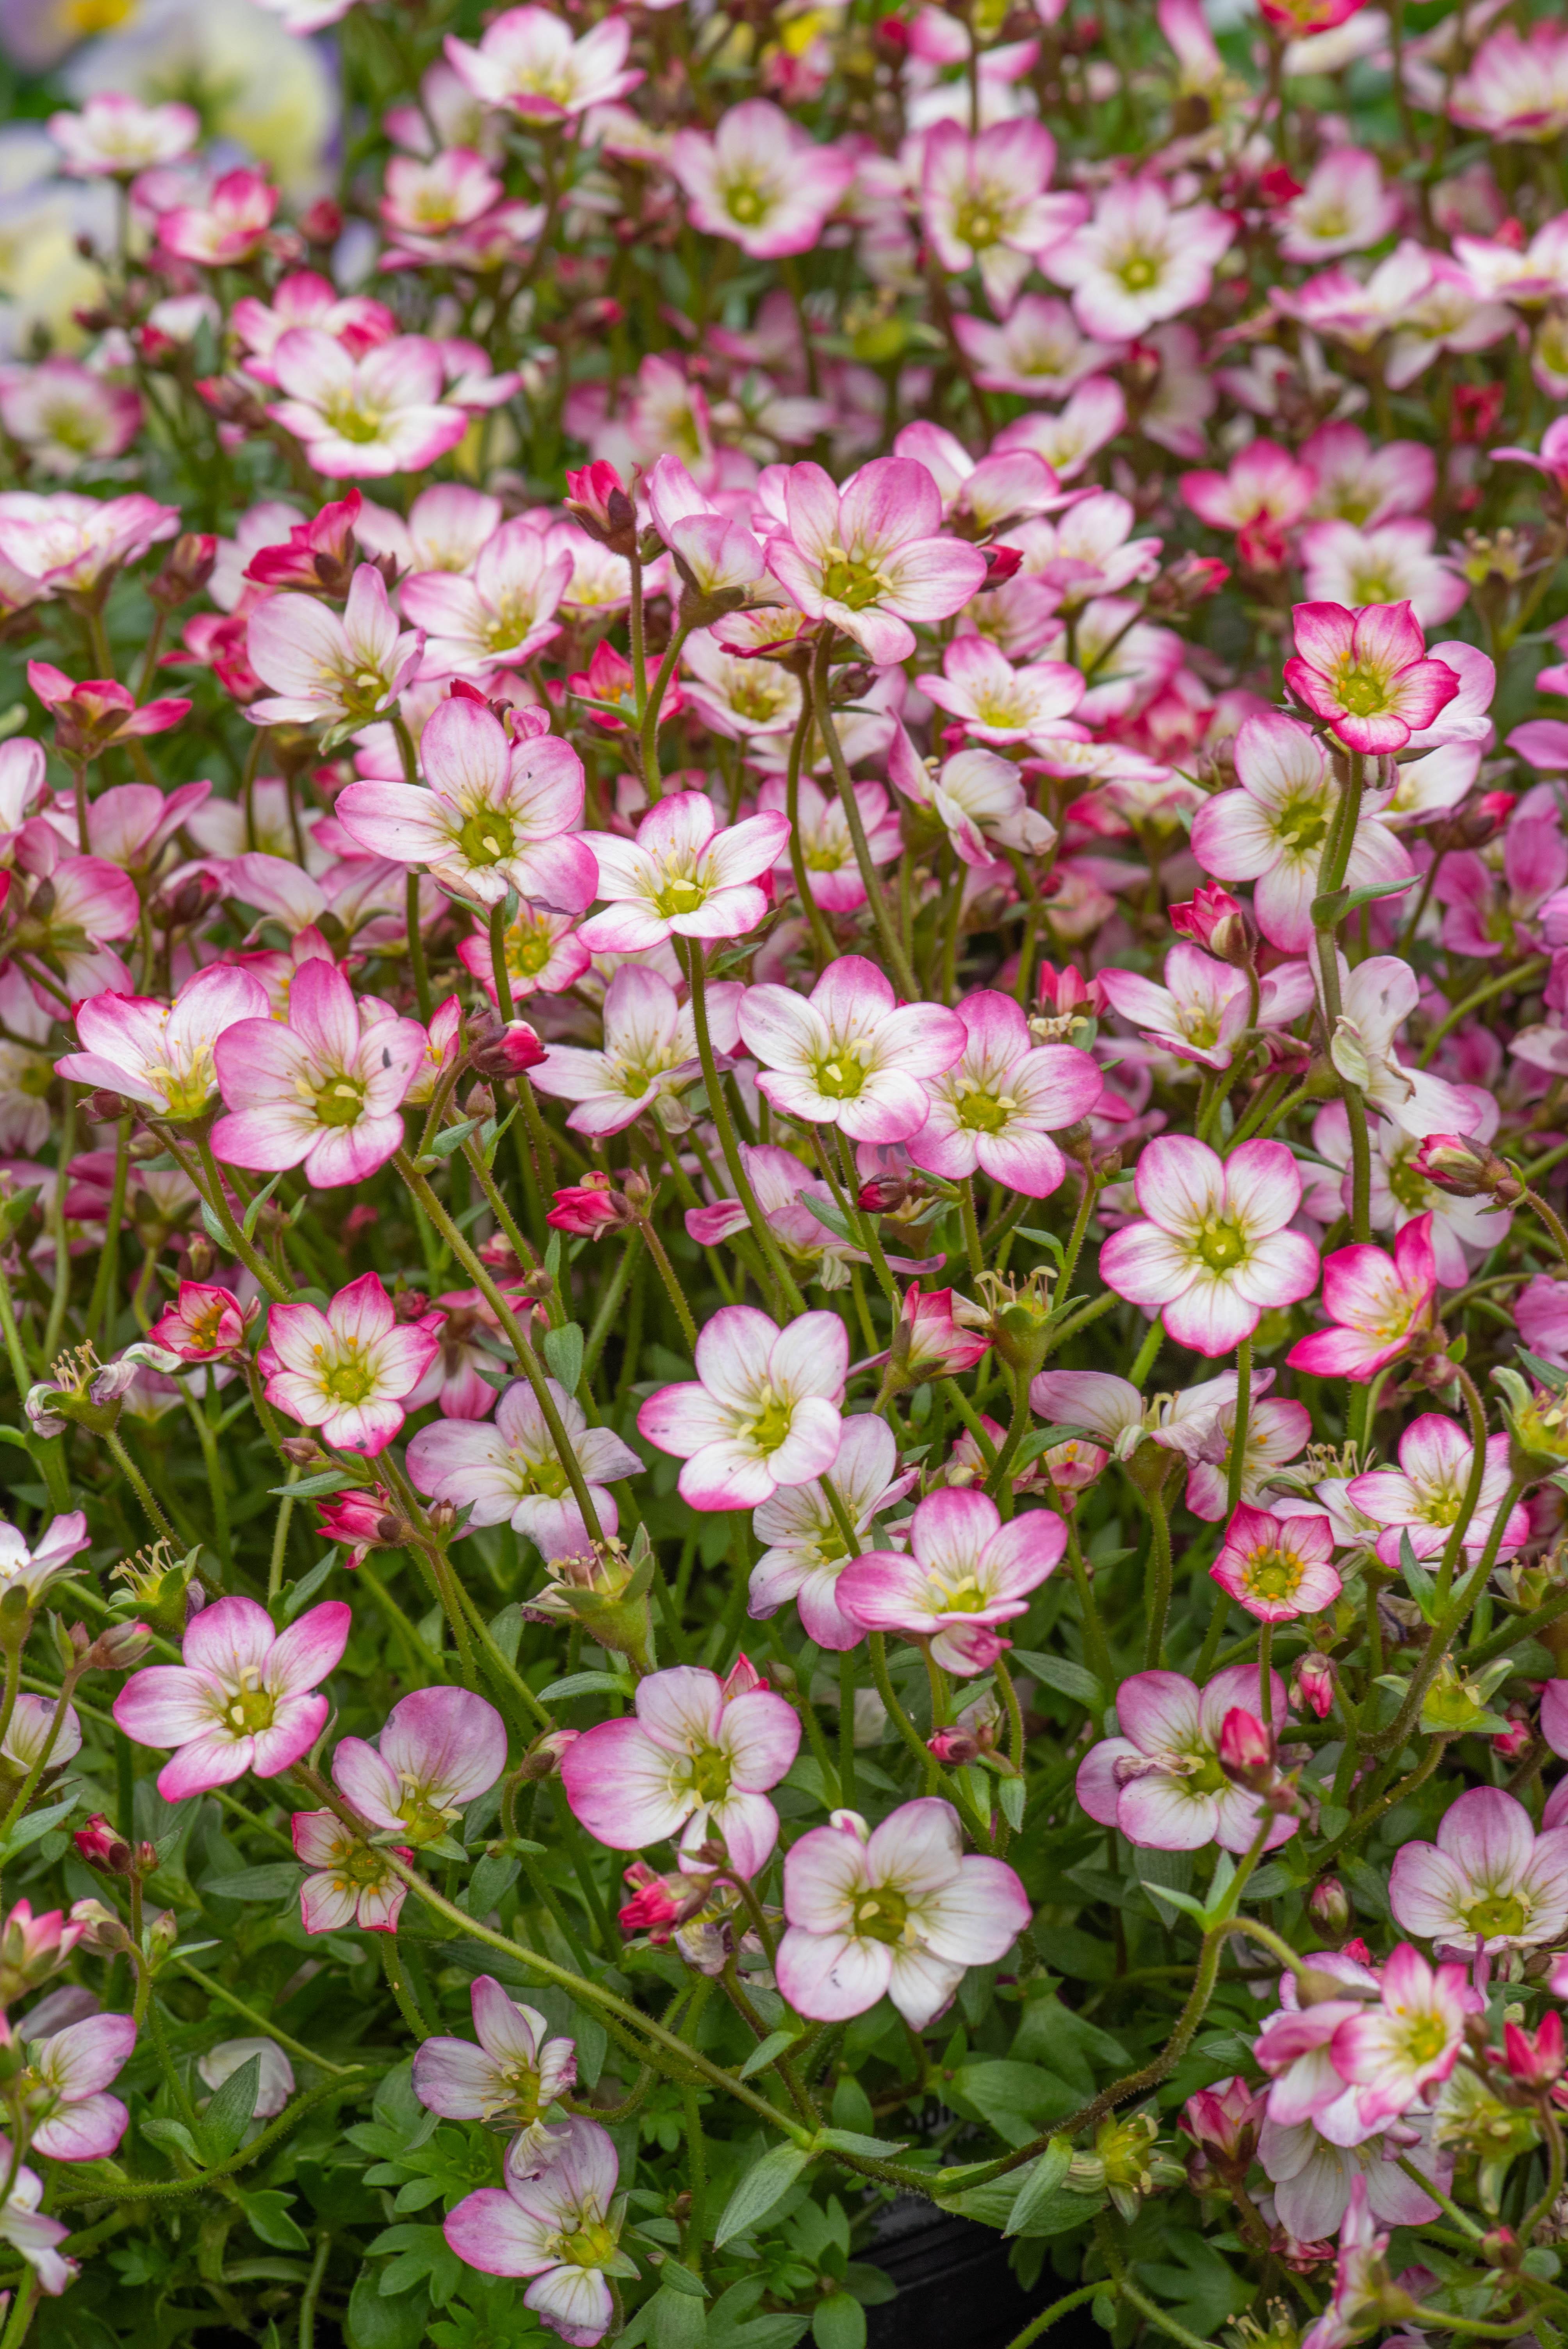 Saxifraga x arendsii 'Alpino Early Picotee', Mossy Saxifrage, sun to part sun, perennial, Merrifield Garden Center